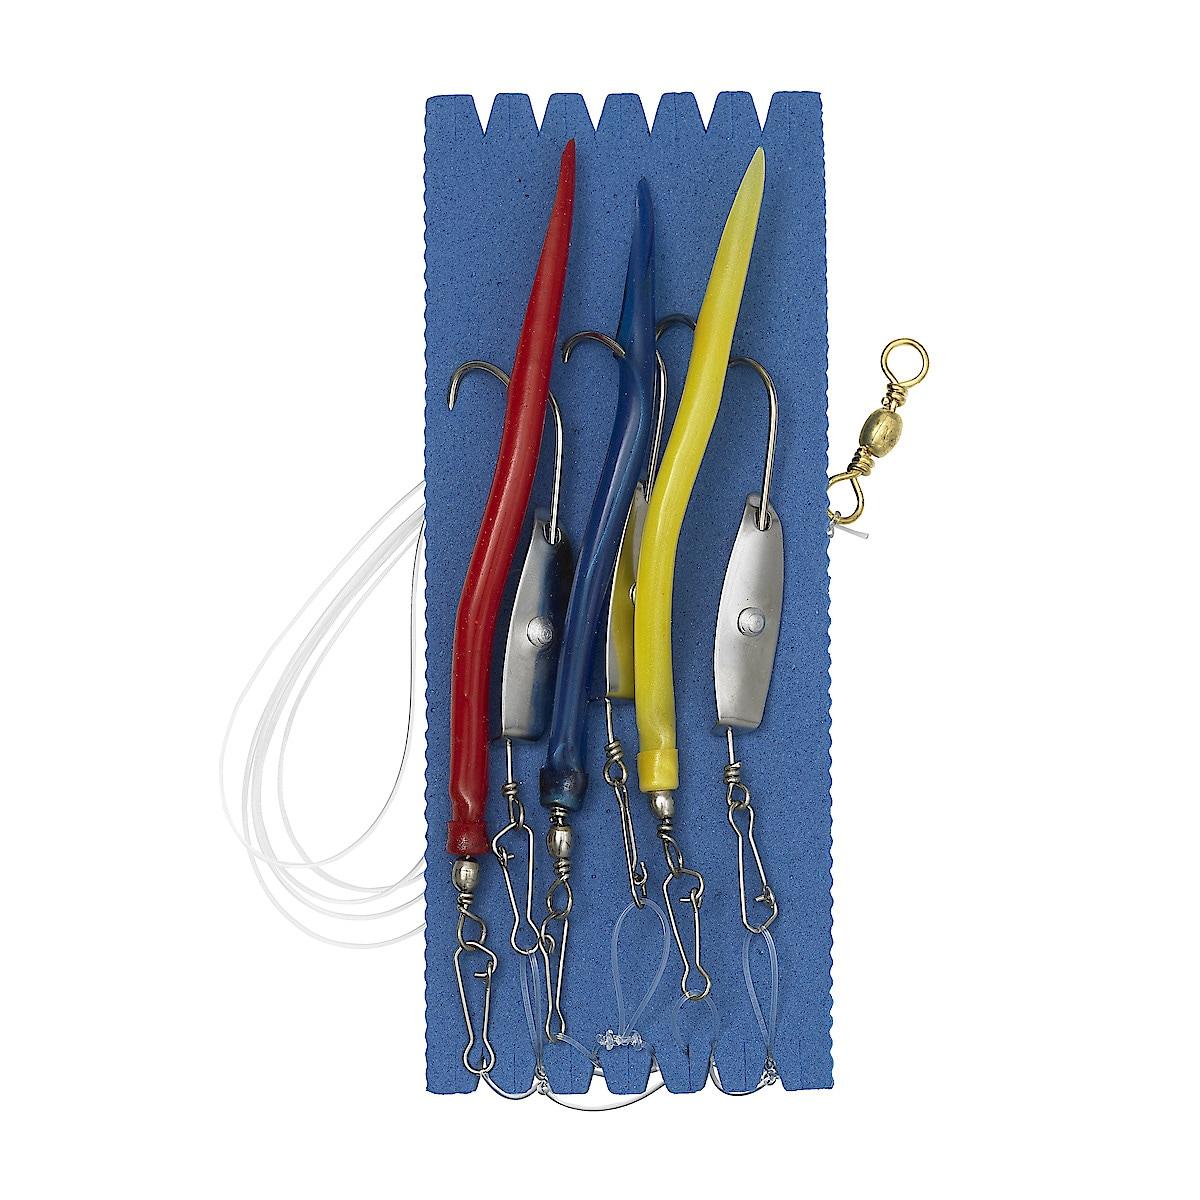 Tackelset för fiskeharpa Kinetic Sabiki Seawinder Rig Harpe Krogset